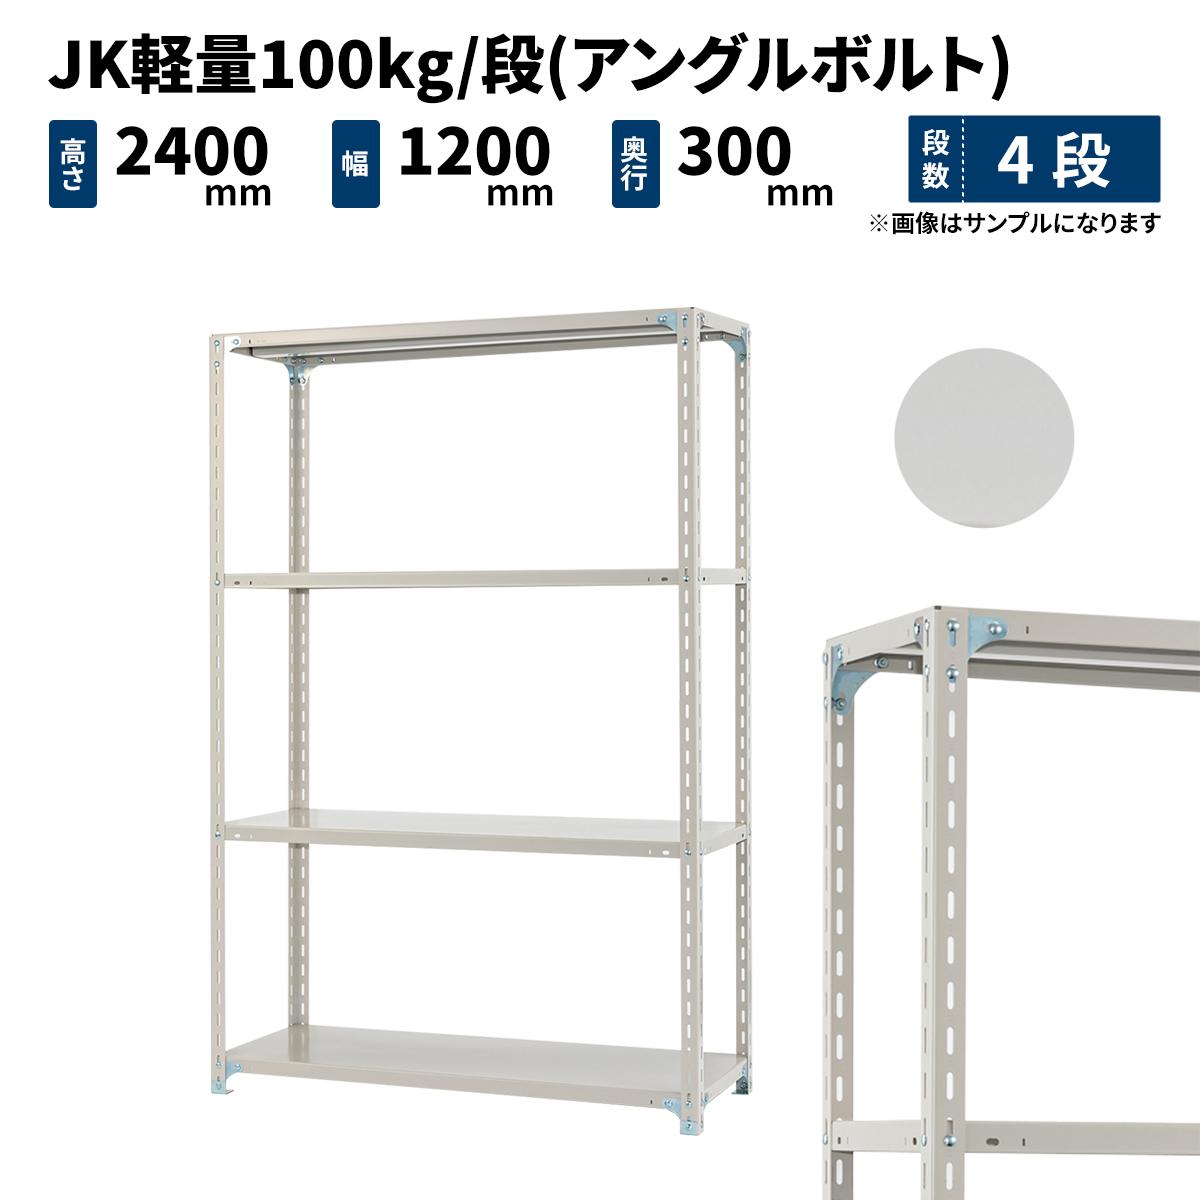 スチールラック 業務用 JK軽量100kg/段(アングルボルト) 高さ2400×幅1200×奥行300mm 4段 ホワイトグレー (31kg) JK100BT-241203-4